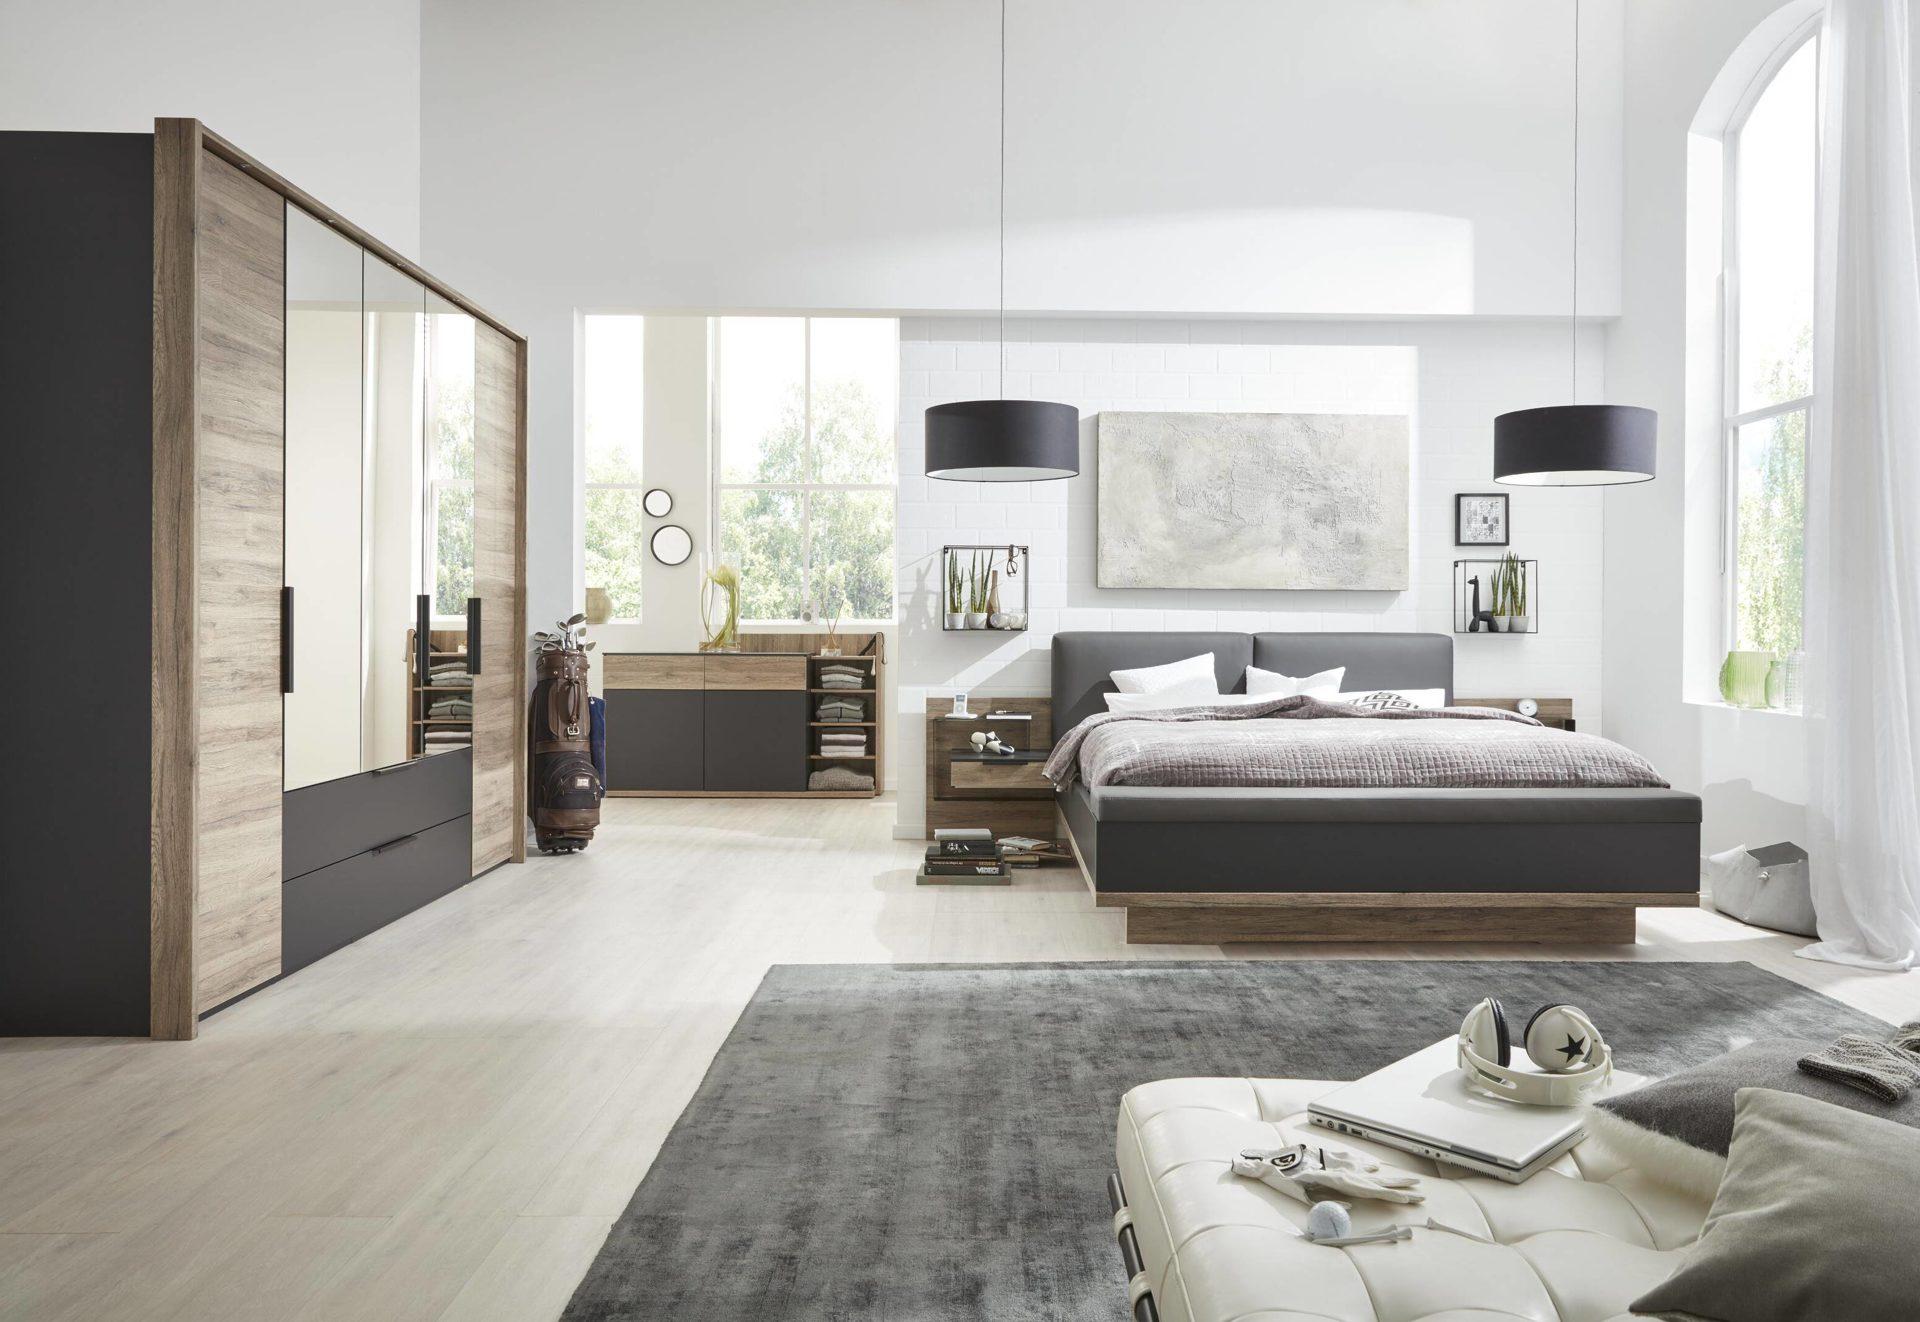 Interliving Schlafzimmer Serie 12 – Schlafzimmerkombination, dunkle  Sanremo eichefarbene & mattschwarze Kunststoffoberfläch